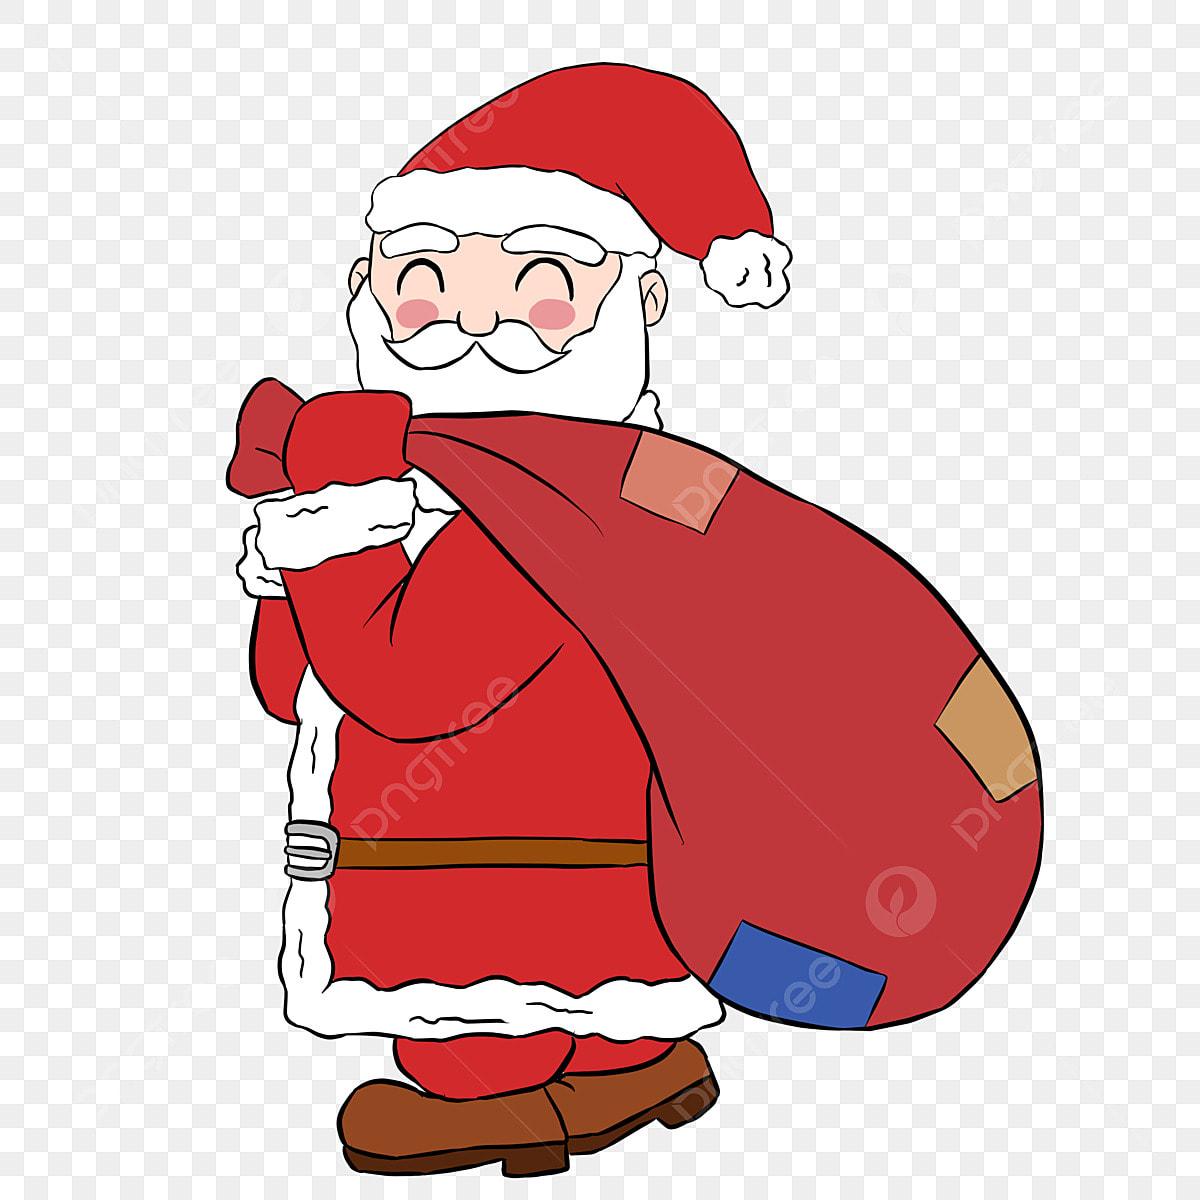 Imagenes De Papa Noel Animado.Dibujos Animados De Navidad Papa Noel De Nuevo Regalo